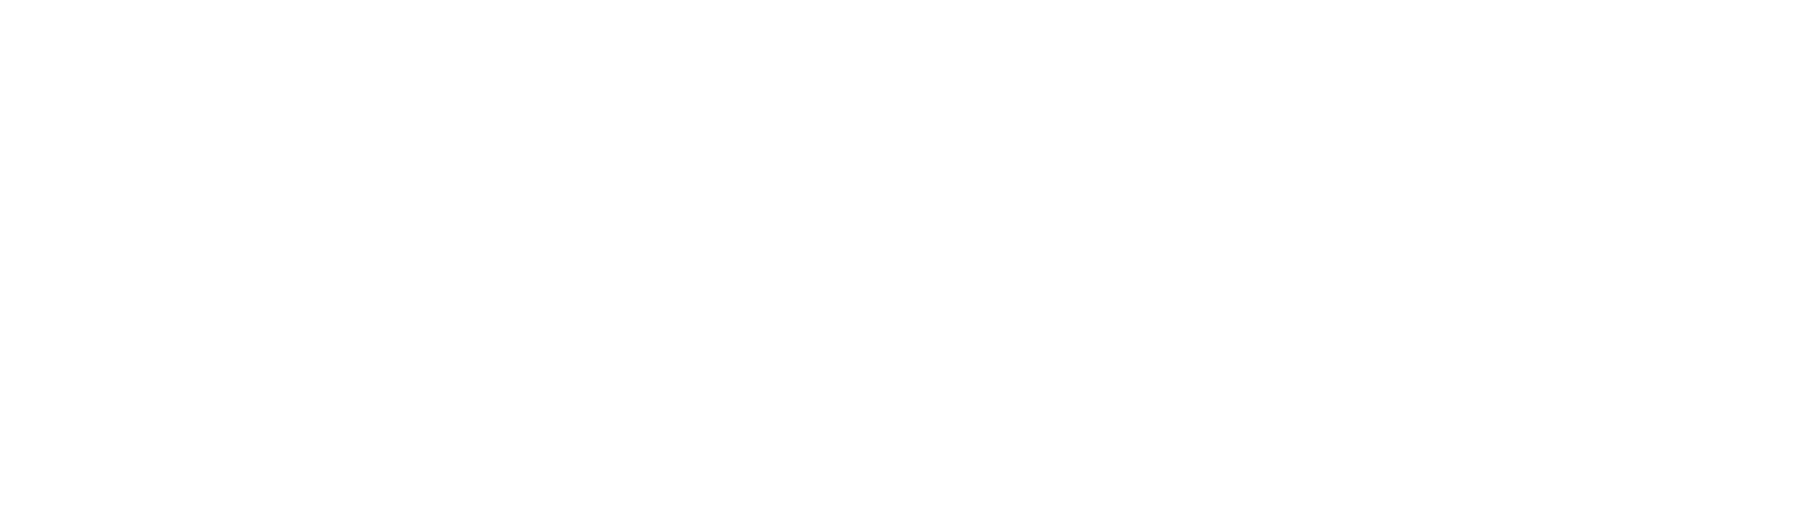 02. Ferrovie dello Stato Italiane.png